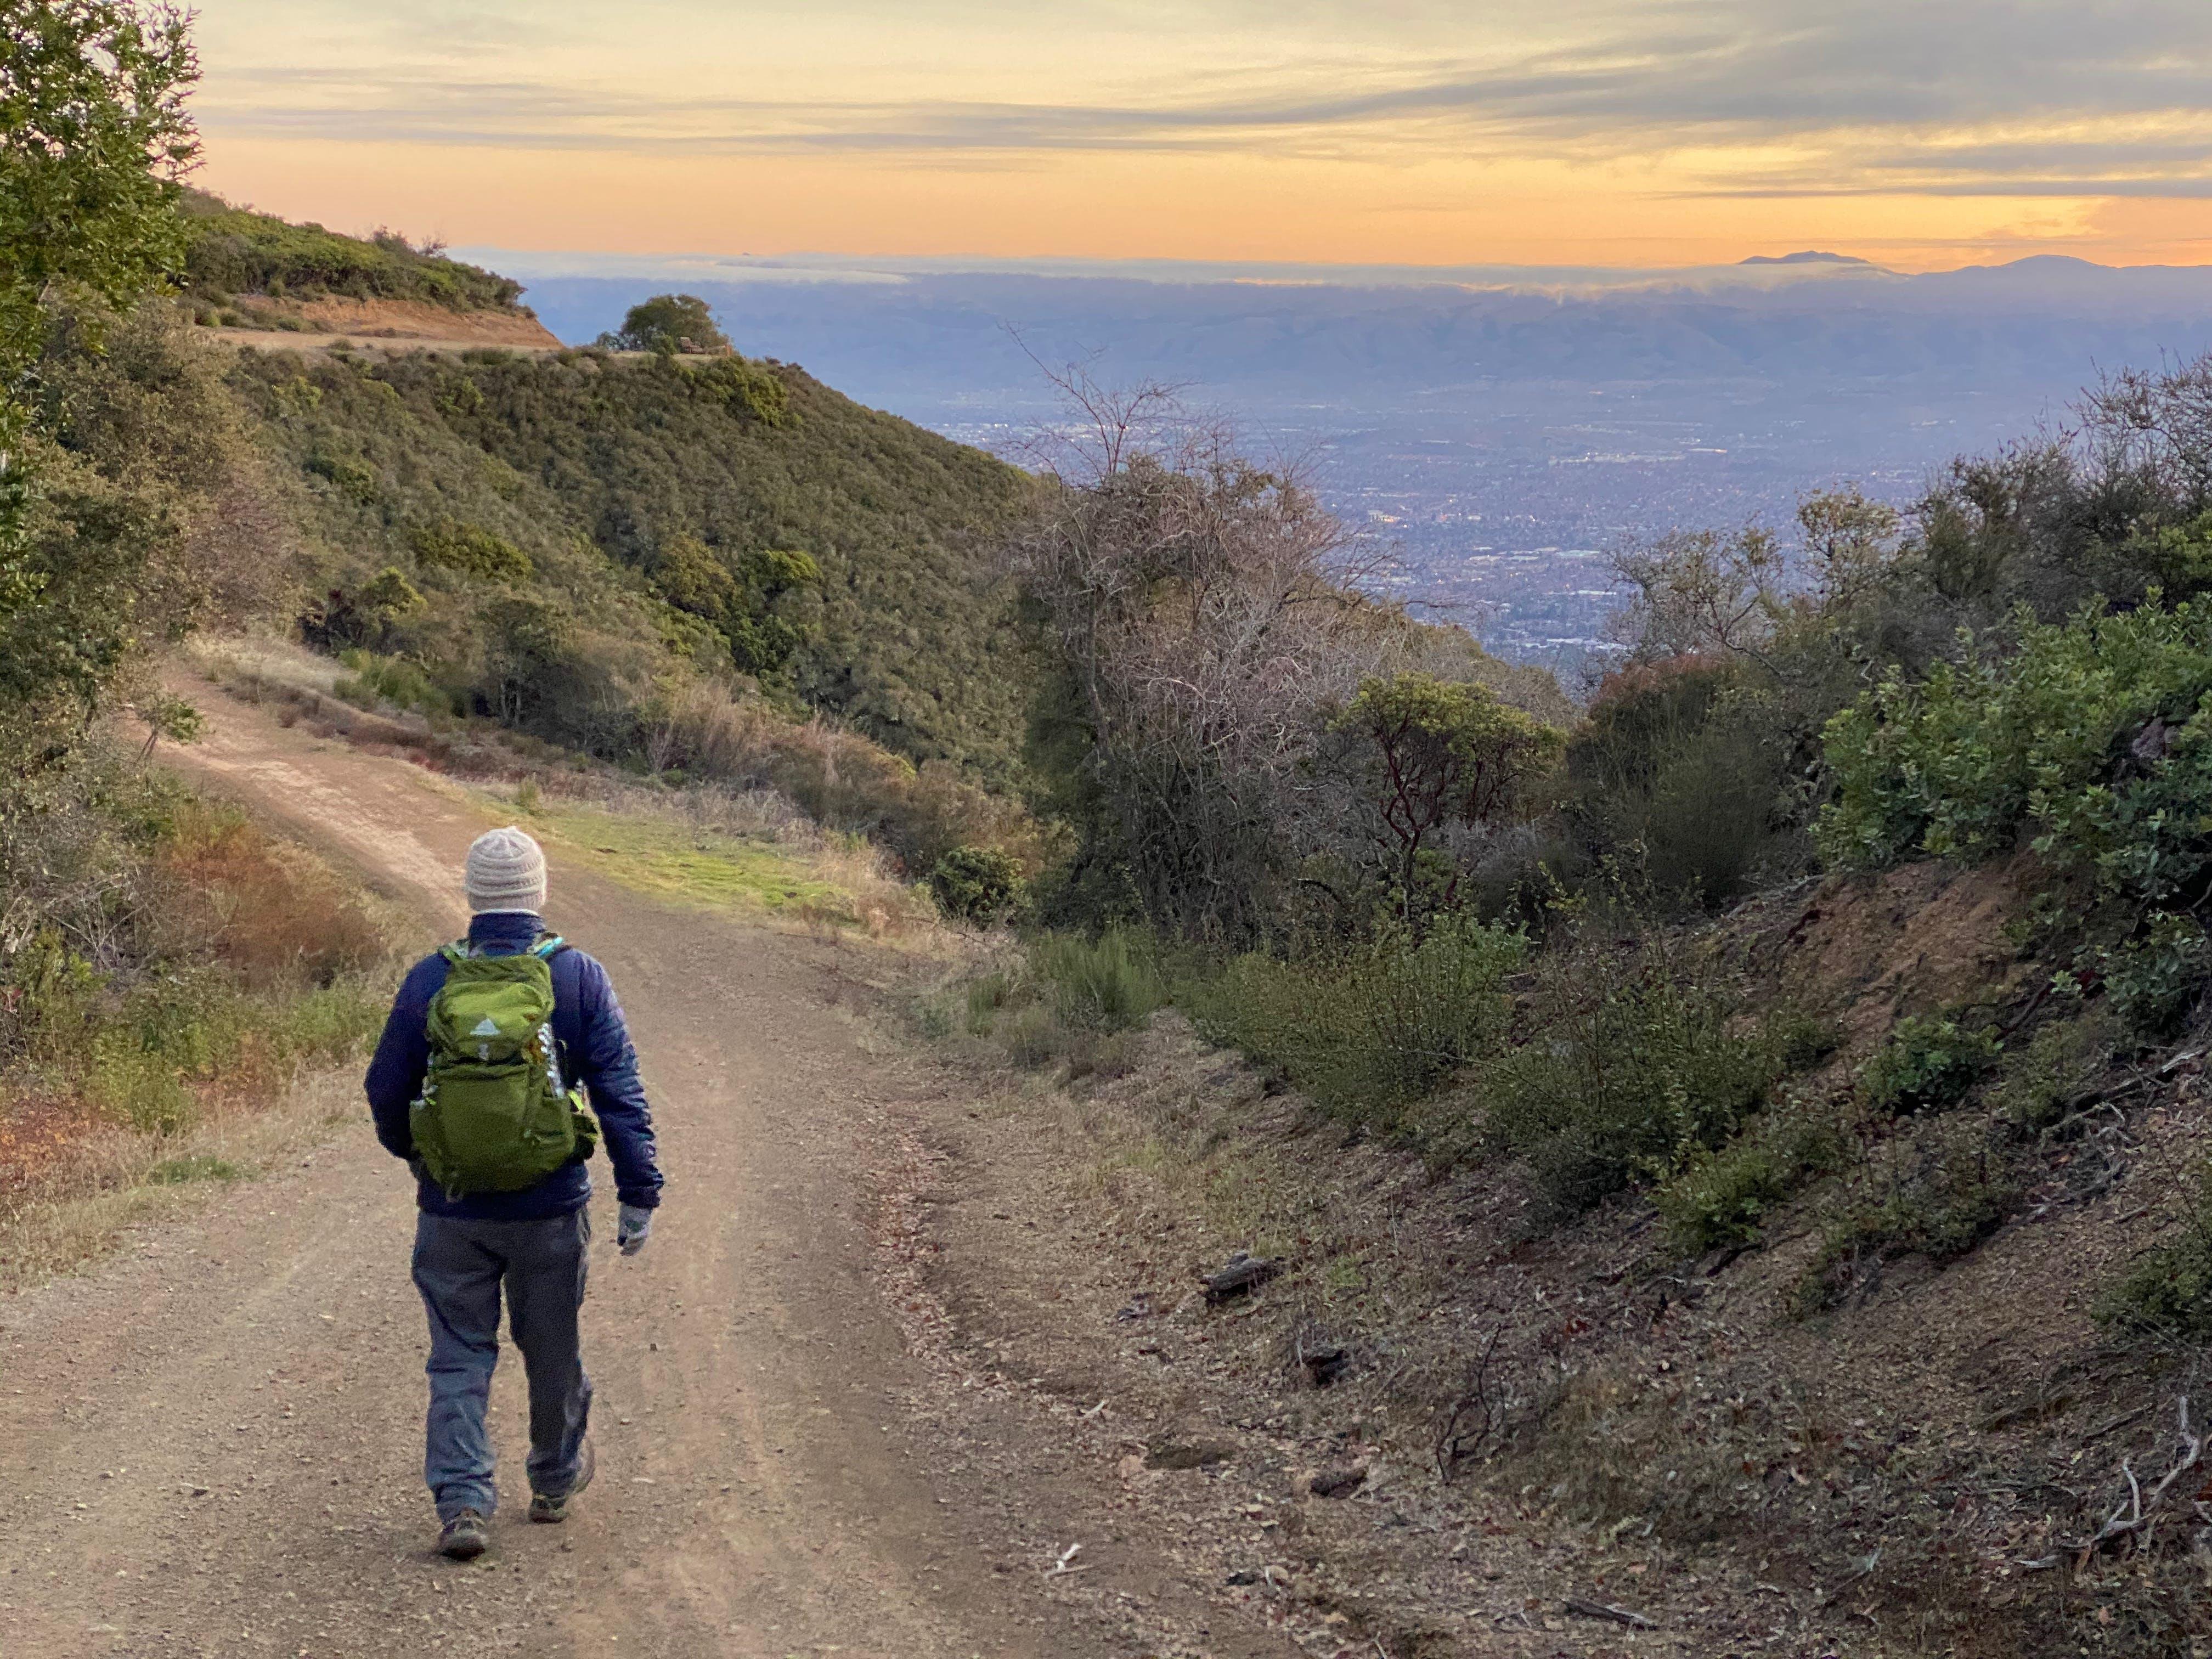 Man hiking the Aquinas Trail at sunrise in the South Bay at El Sereno Preserve